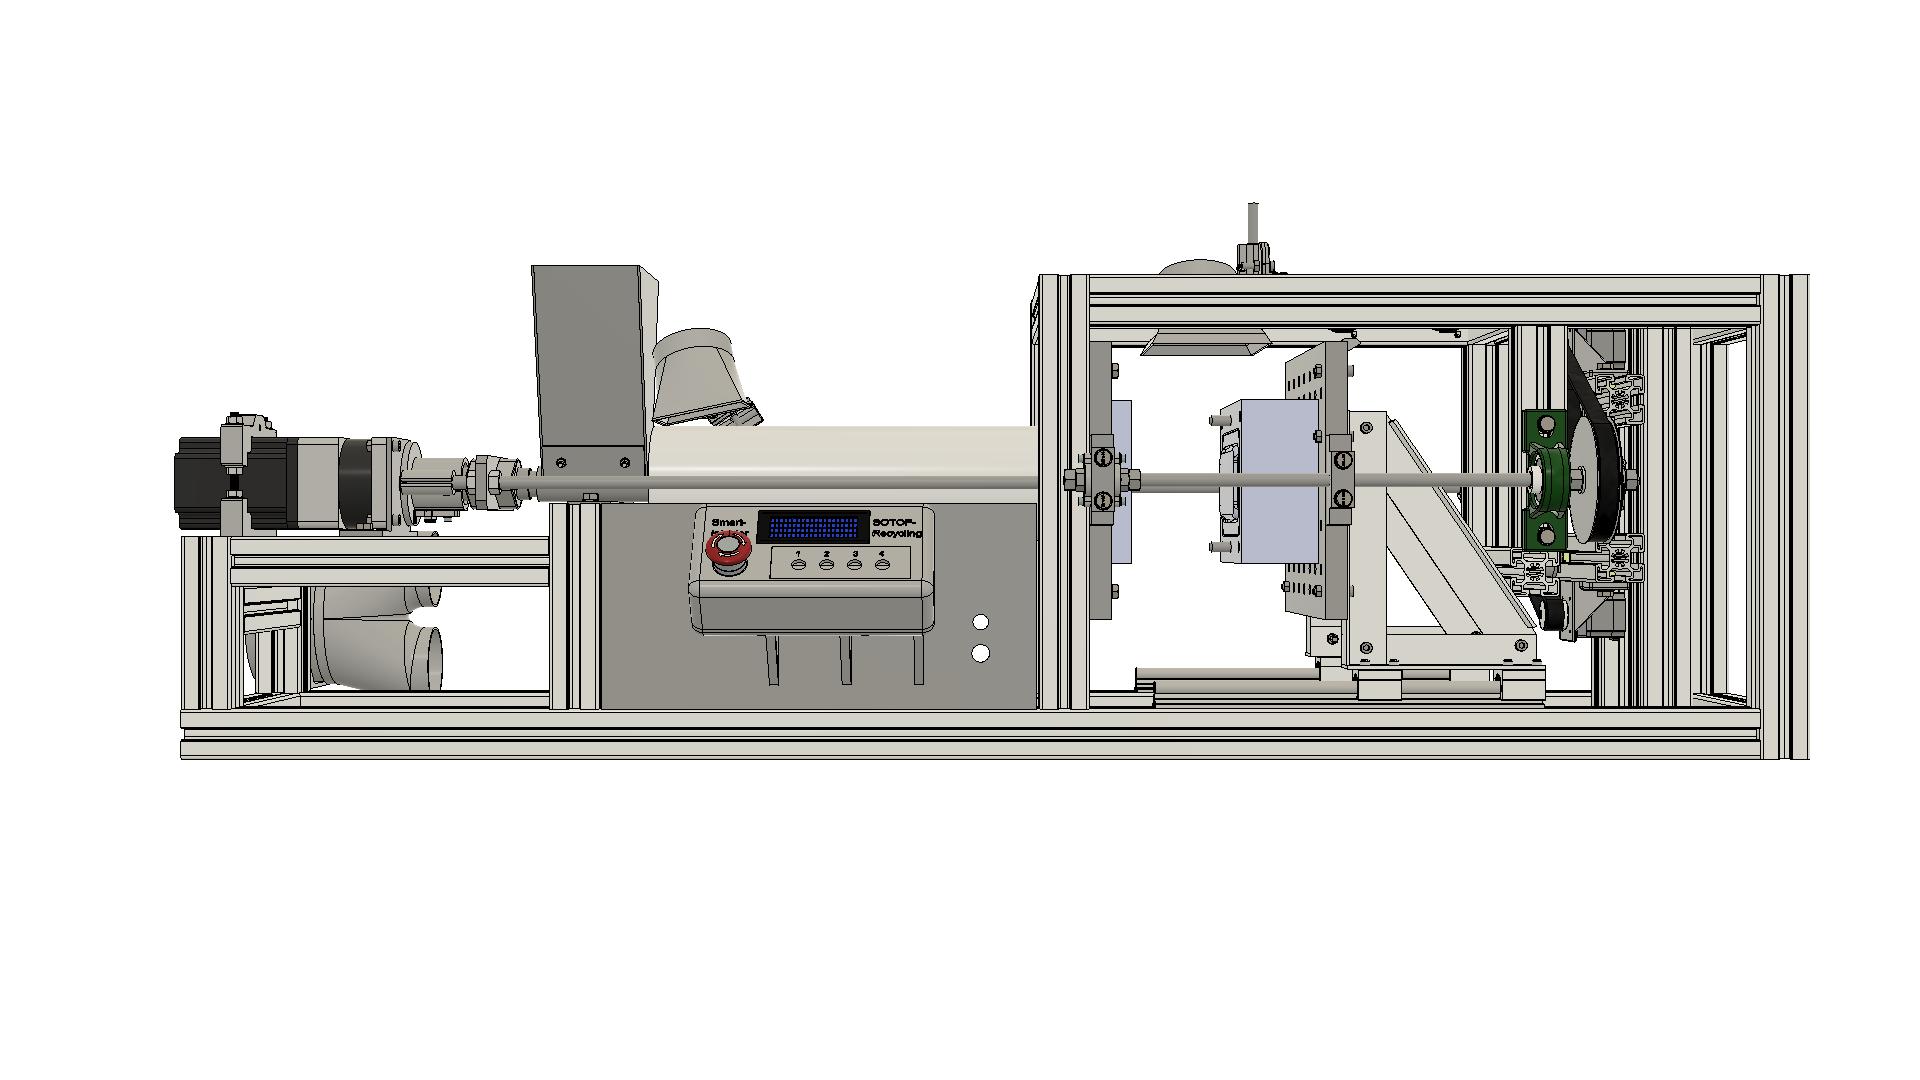 塑料回收注射成型机3D数模图纸 STEP格式